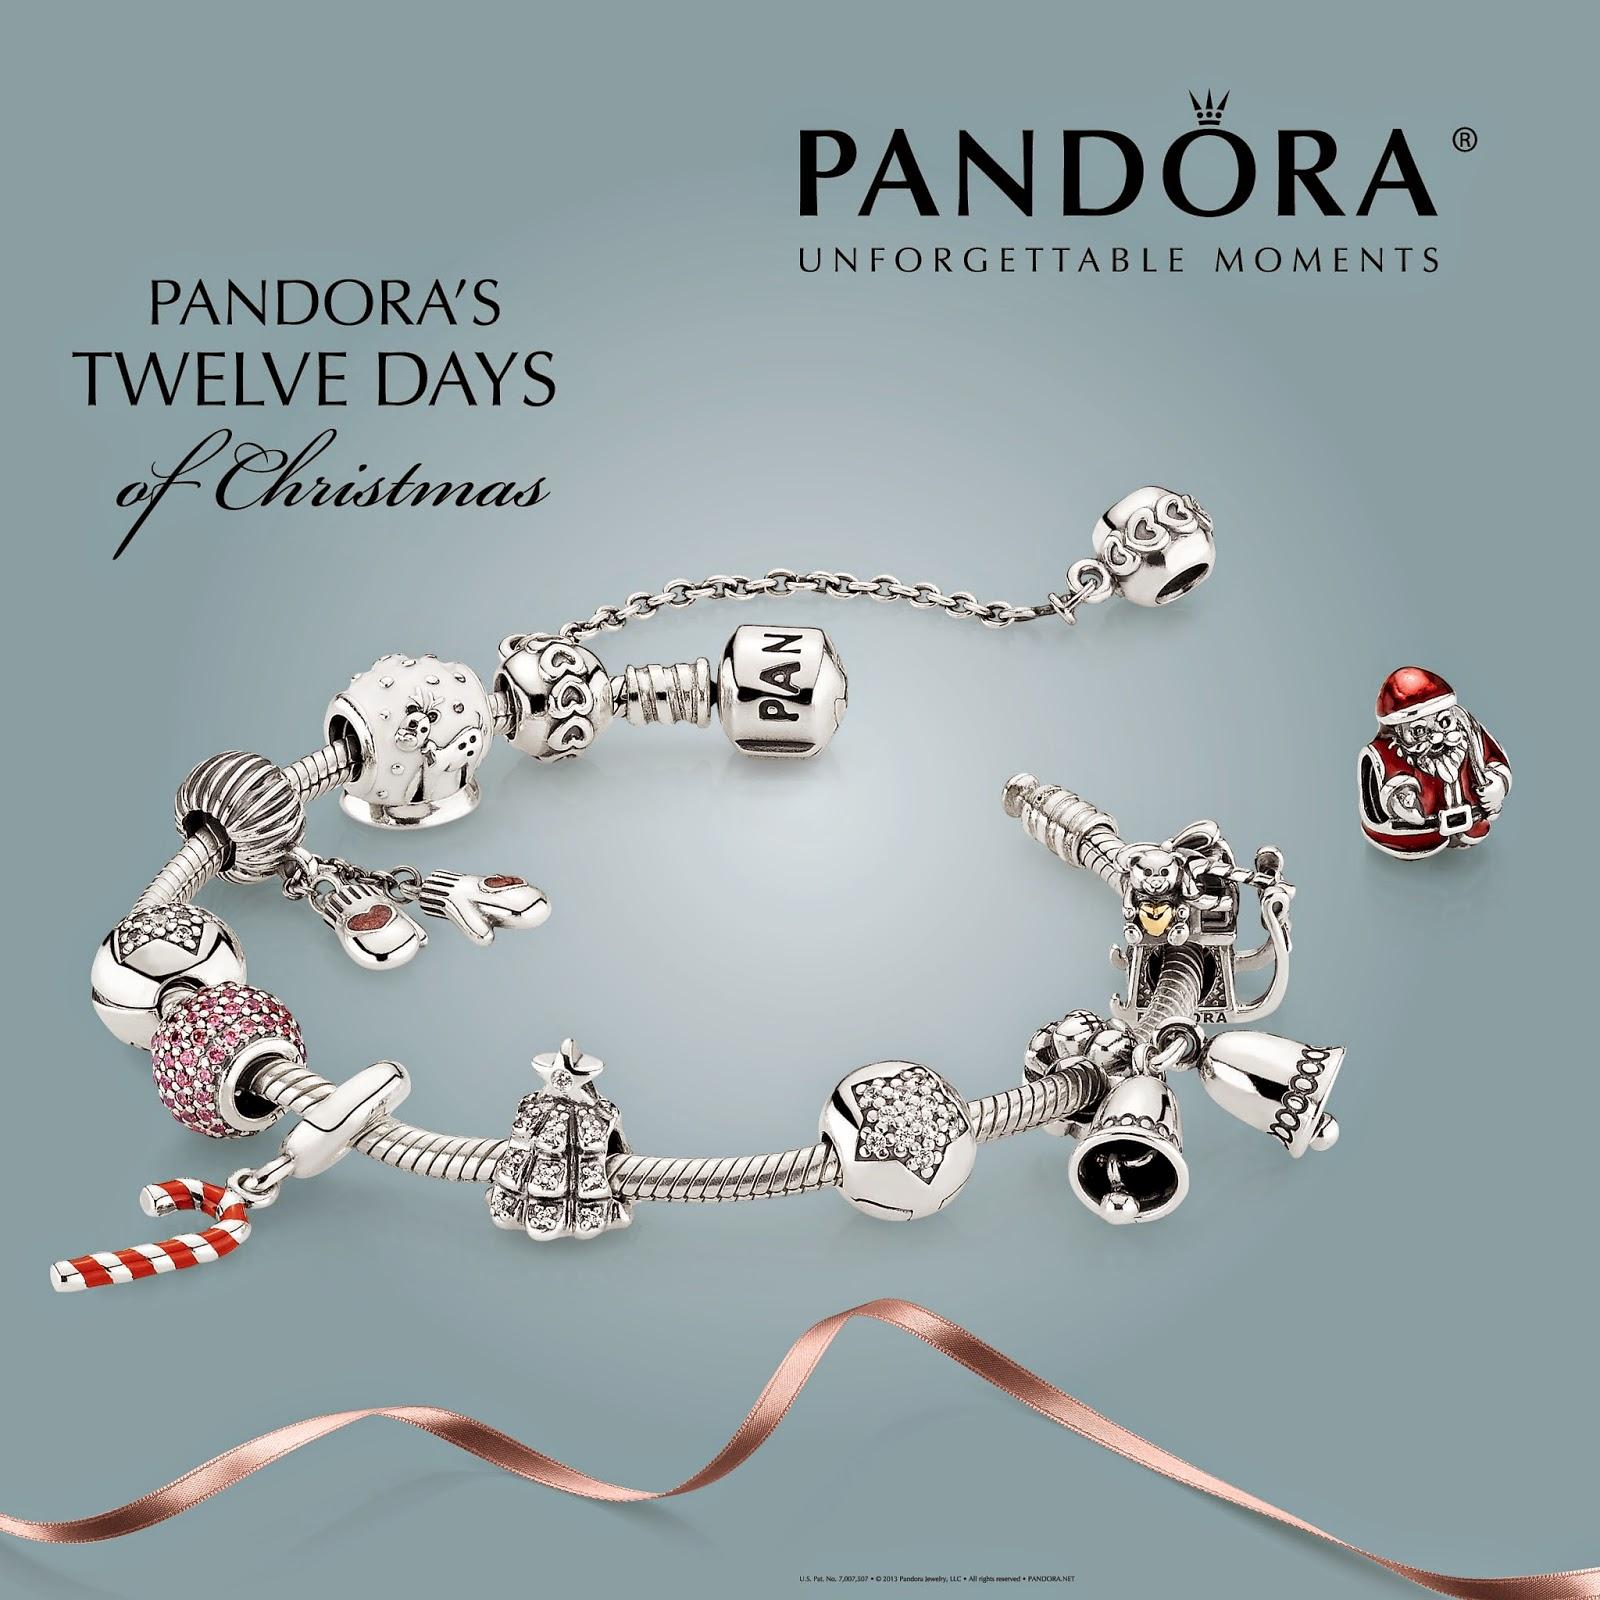 Cheap Pandora Charms Uk Sale